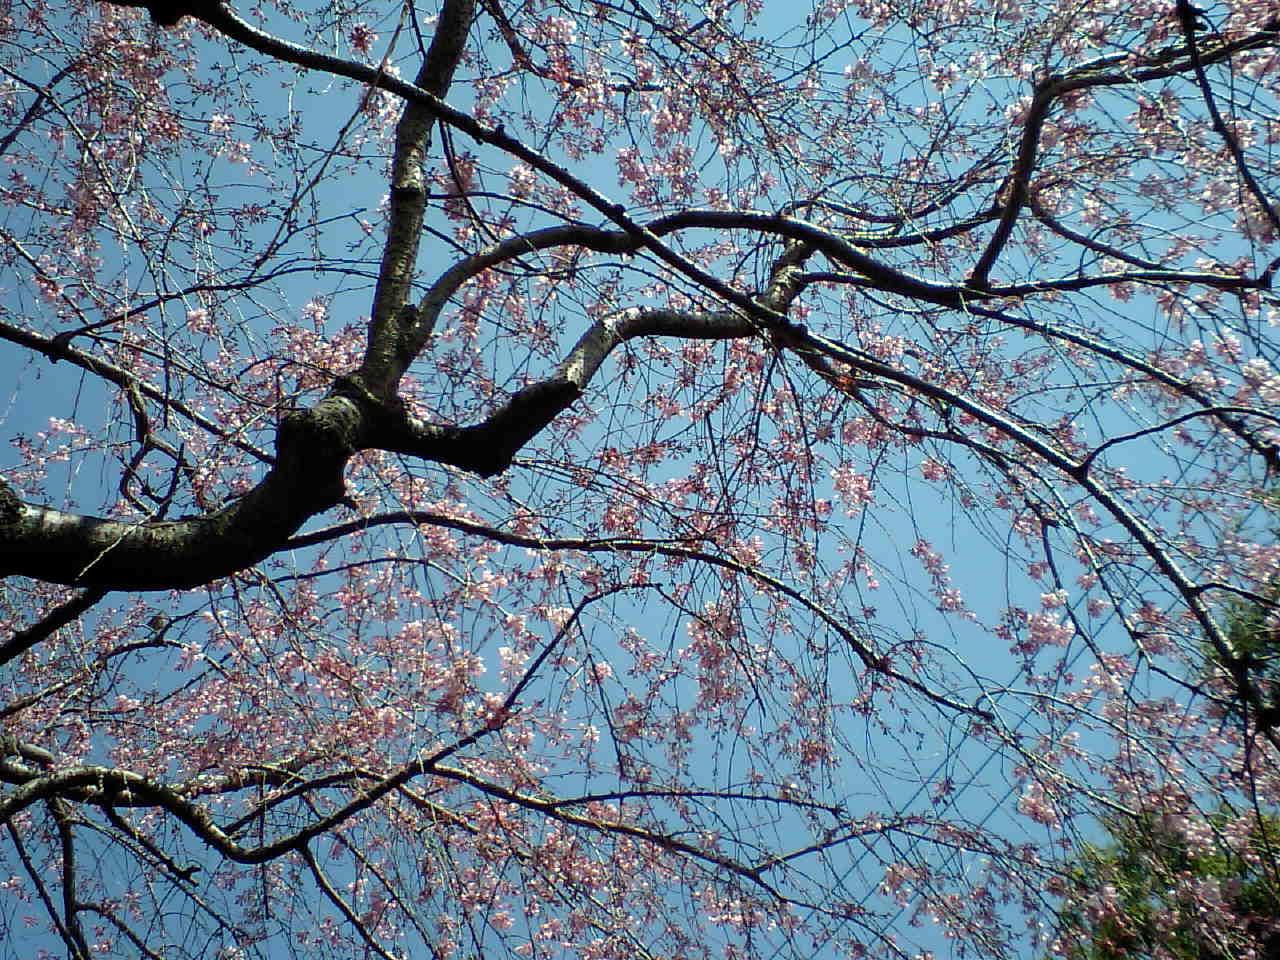 目白庭園のしだれ桜その2_d0027795_10474850.jpg